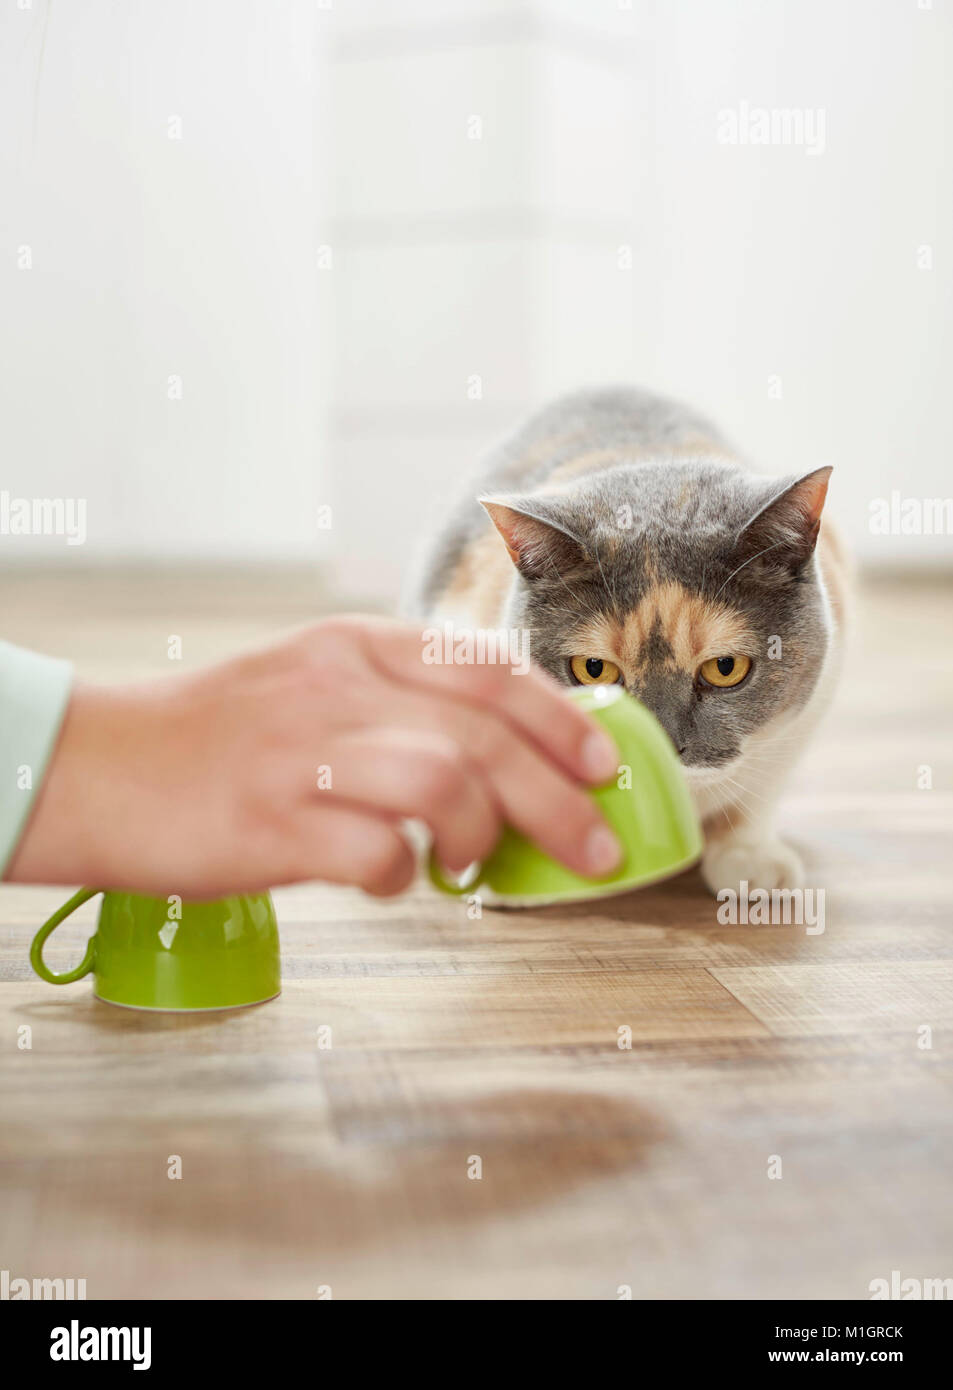 Britisch Kurzhaar Katze. Der Trikolore nach Spielen eine shell Spiel. Deutschland Stockbild